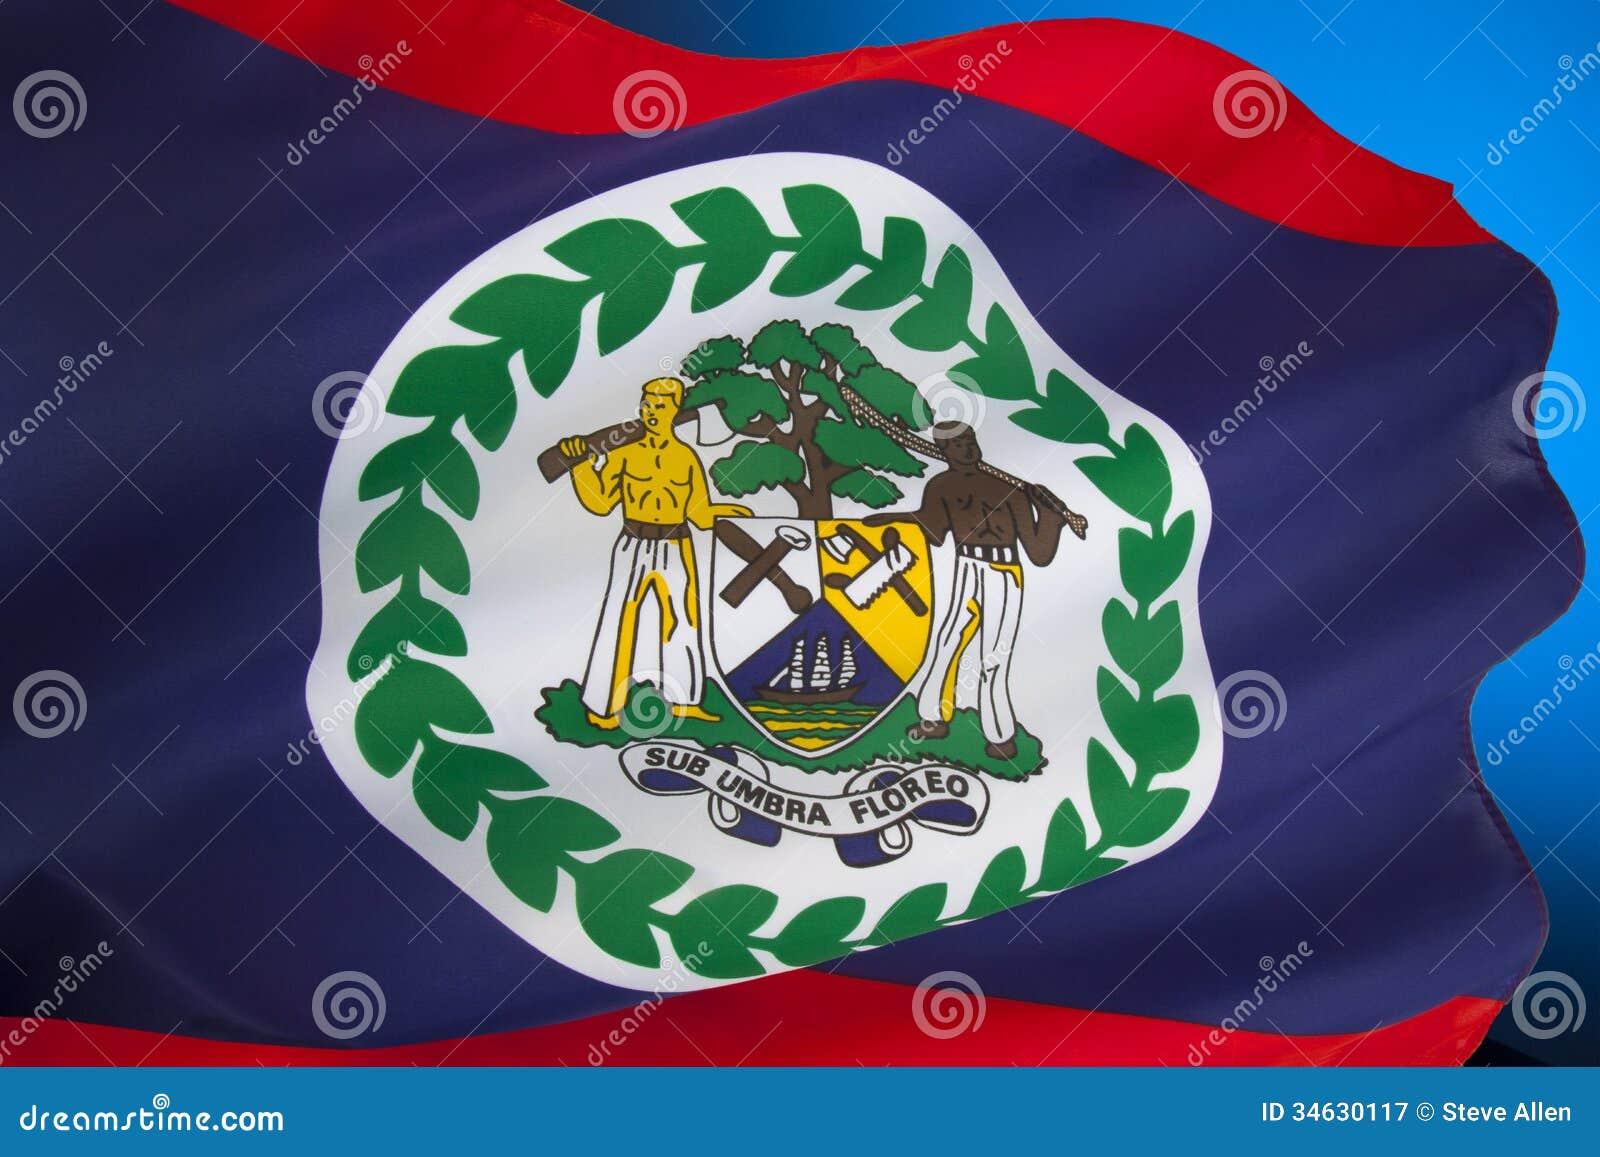 flag of belize central america stock image image of flag emblem